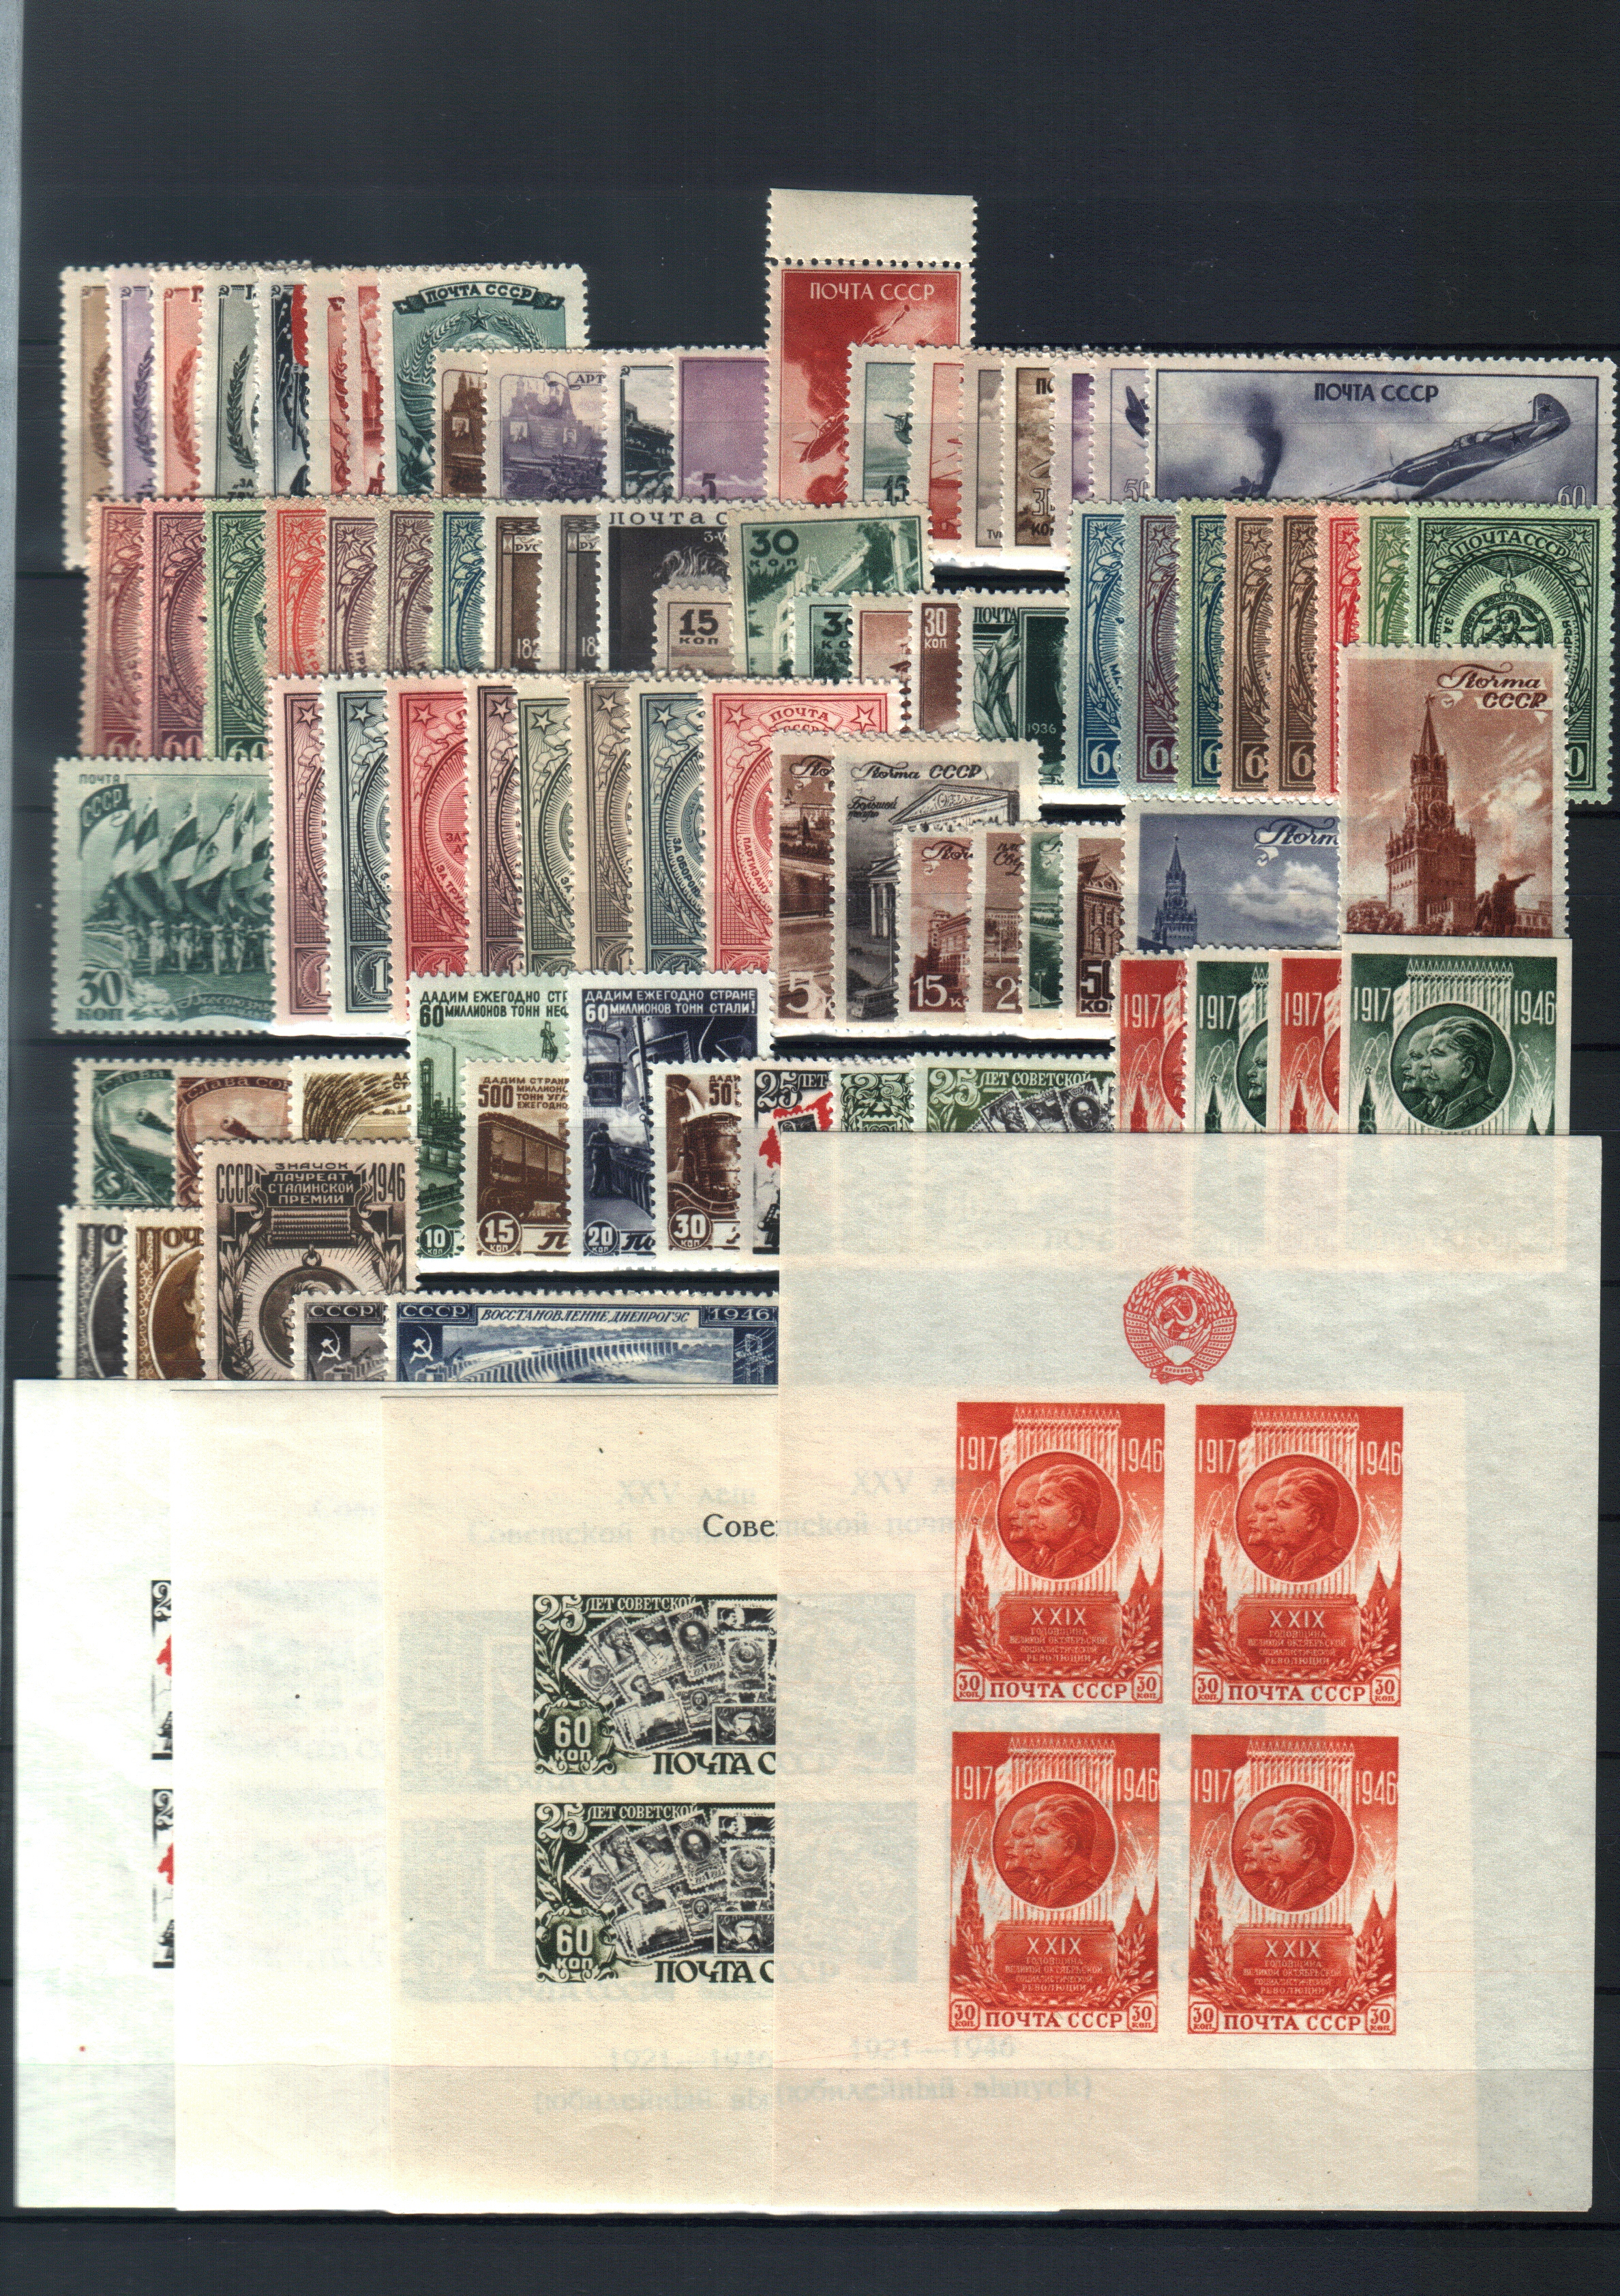 Годовой набор почтовых марок СССР 1946 год, 80 марок, 4 почтовых блока.